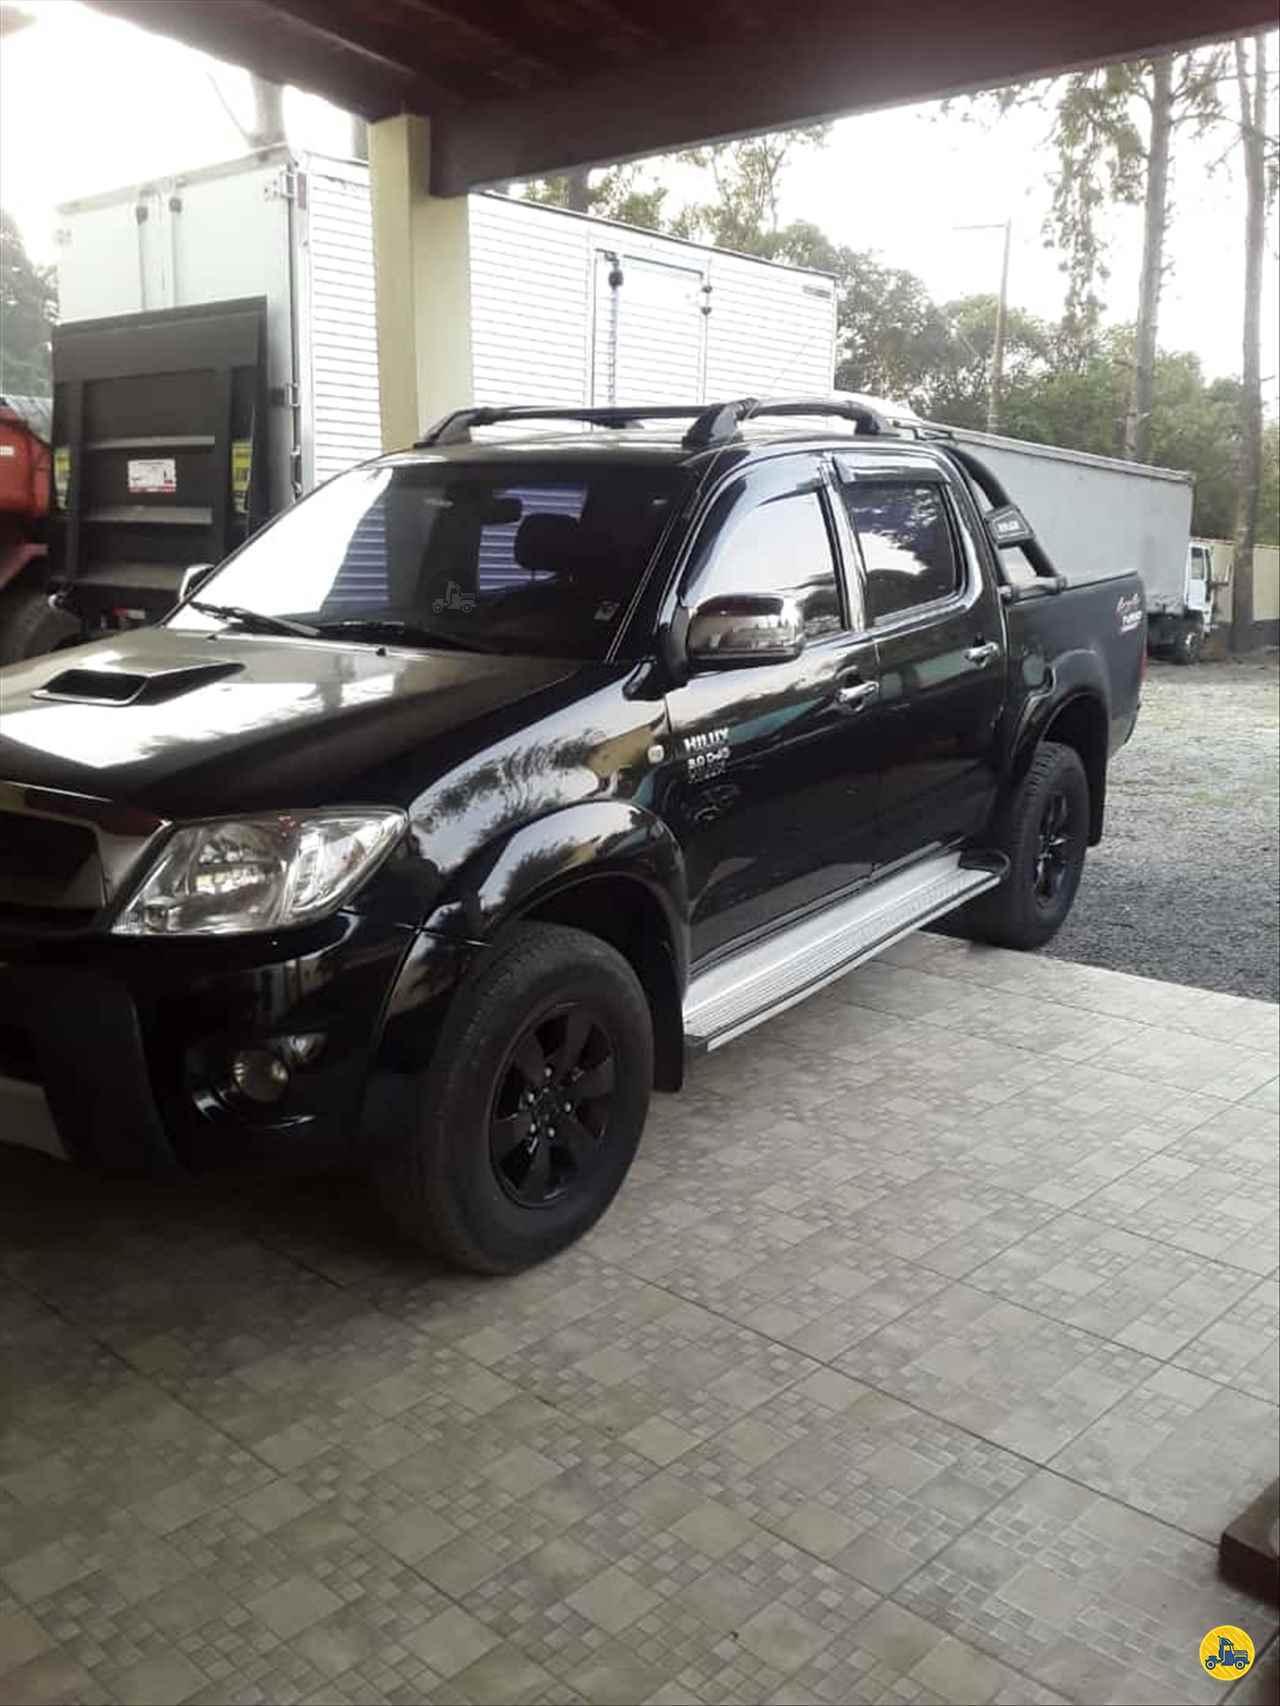 Hilux 3.0 SRV de Wilson Caminhões - RIBEIRAO PIRES/SP